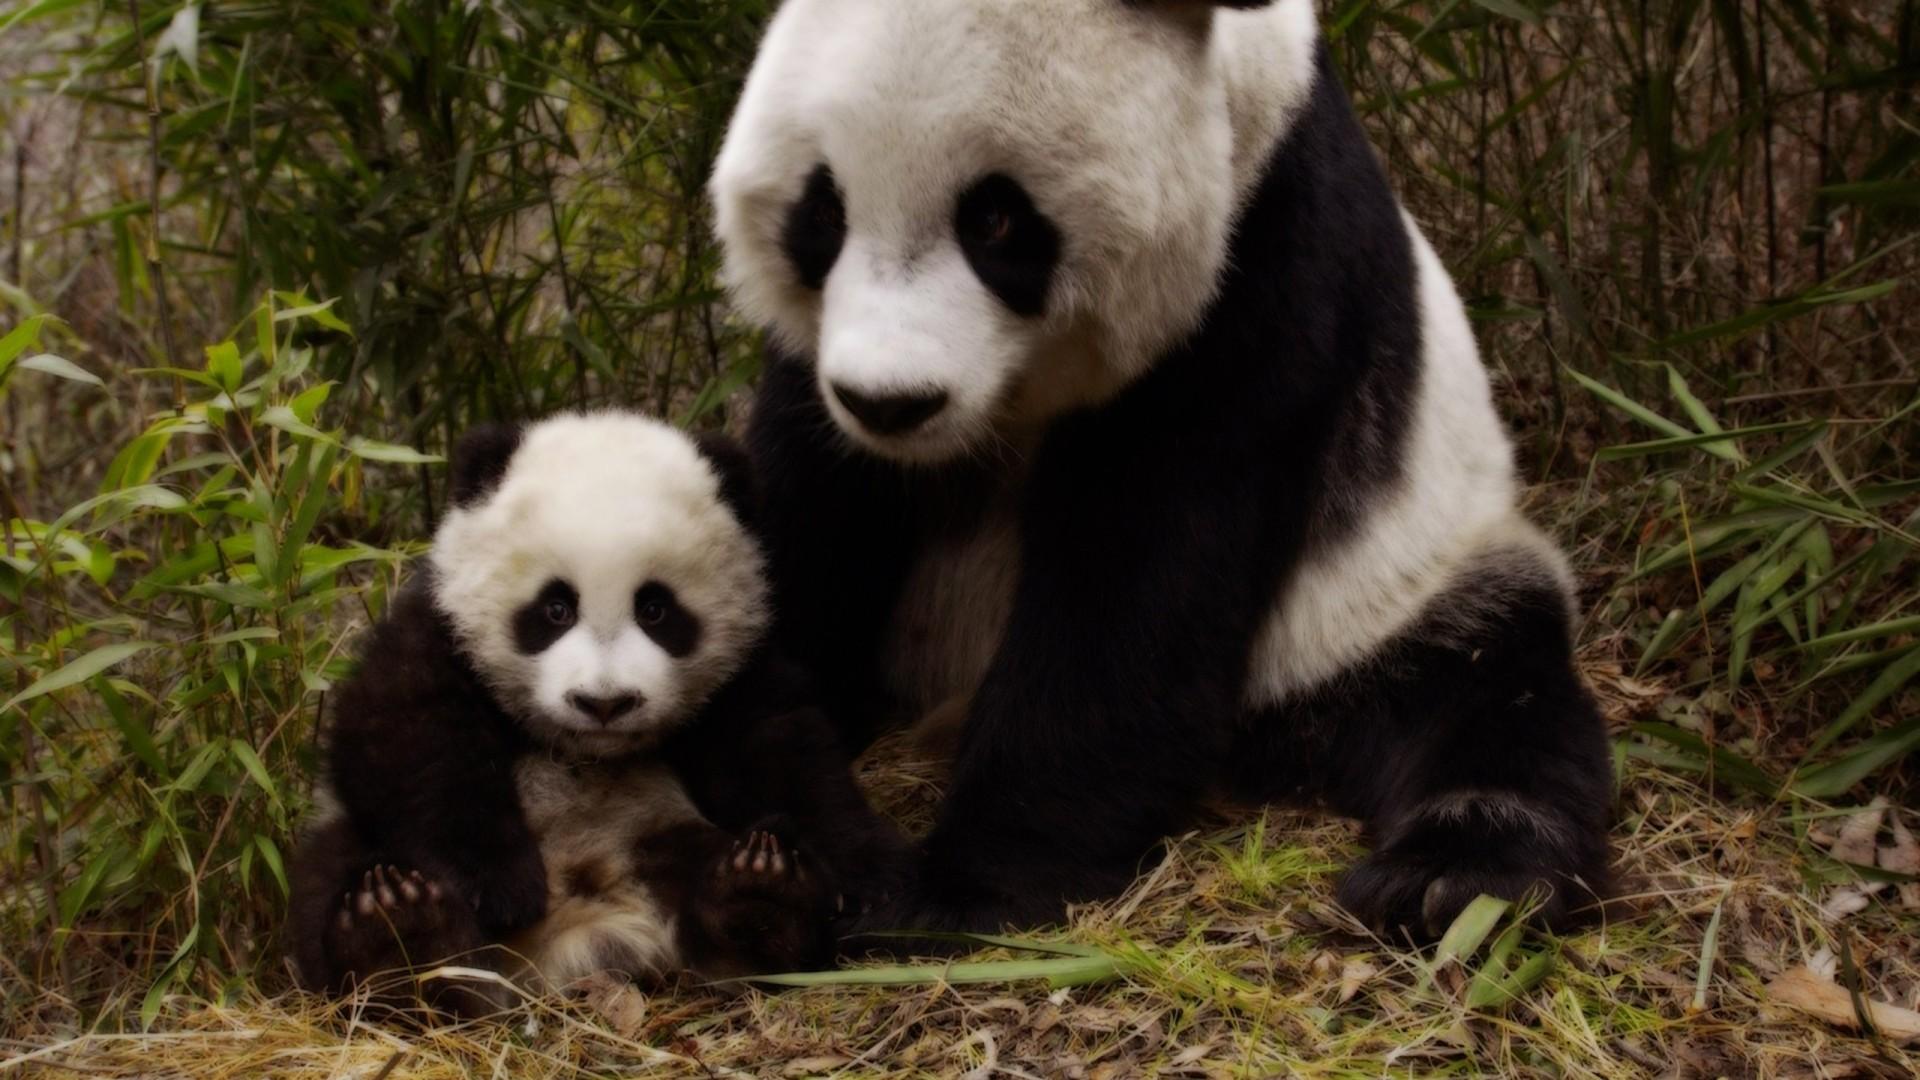 Panda and Her Cub Full HD Fond d'écran and Arrière-Plan   1920x1080   ID:680090